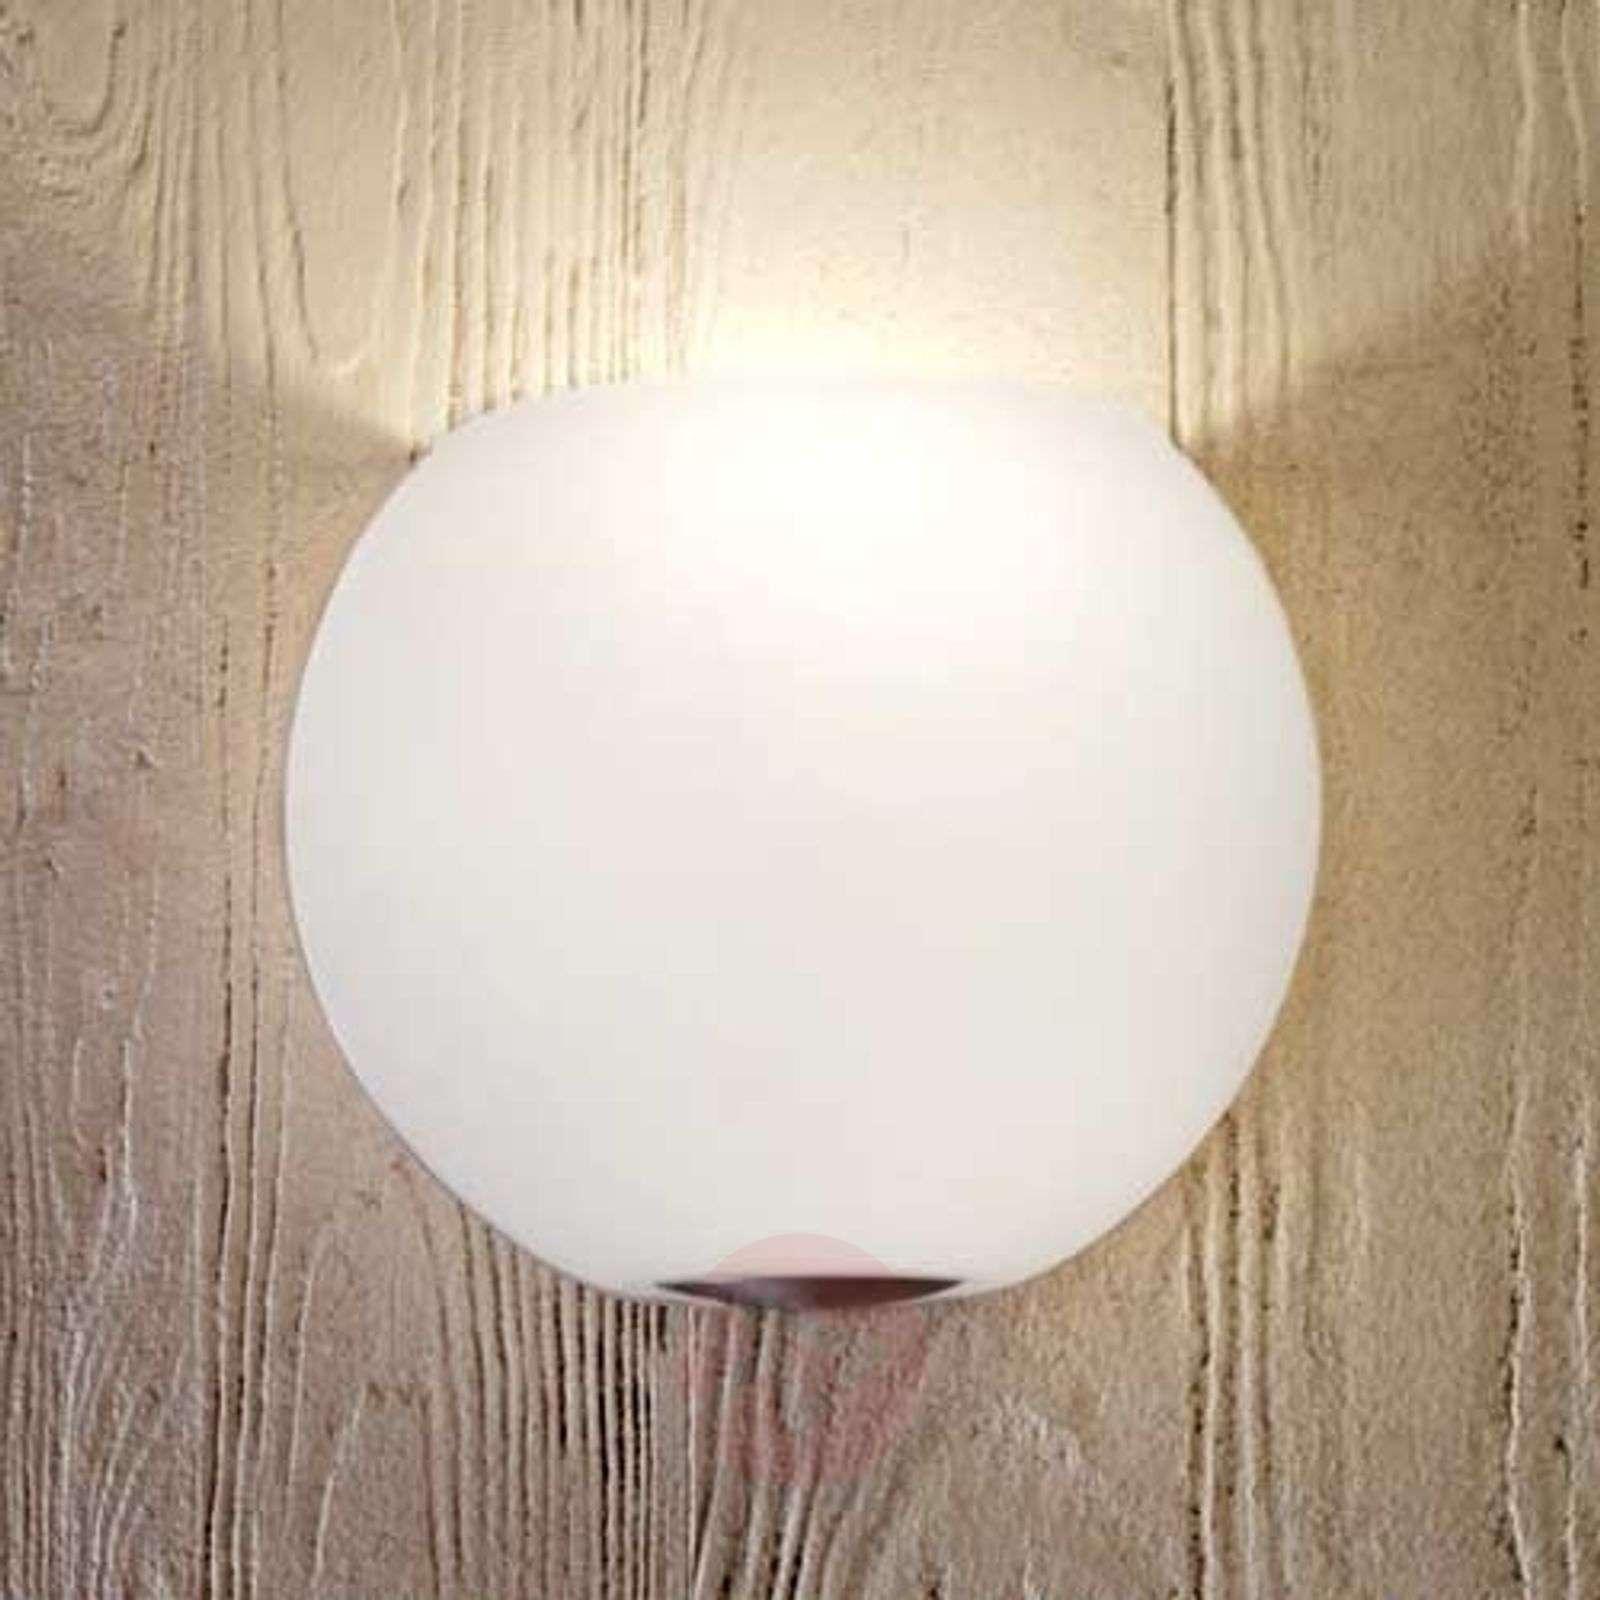 BALL-seinävalaisin-2000310-01